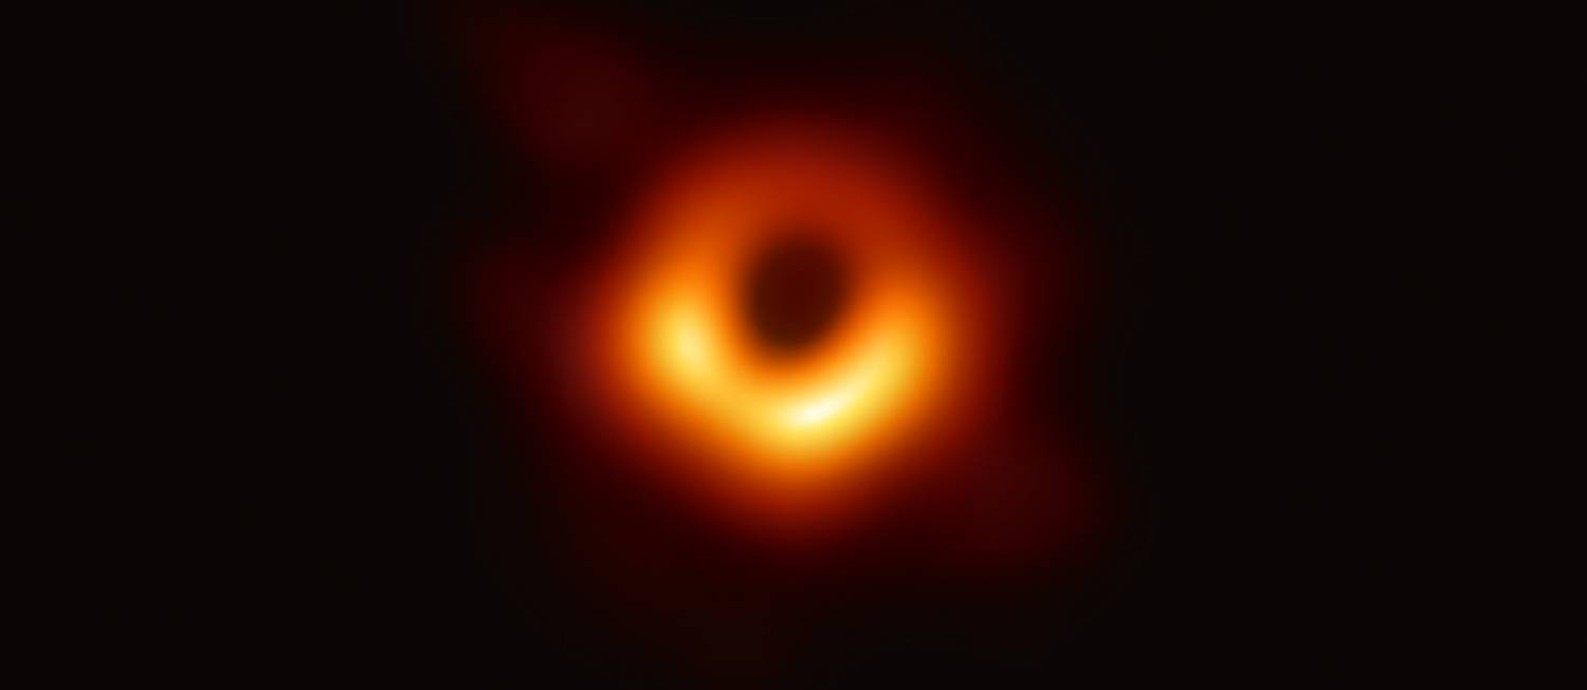 Astrônomos revelam ao mundo a primeira imagem de um buraco negro. O primeiro a ser registrado foi detectado no centro da galáxia M87, a cerca de 50 milhões de anos-luz da Terra. Foto: Event Horizon Telescope / Divulgação